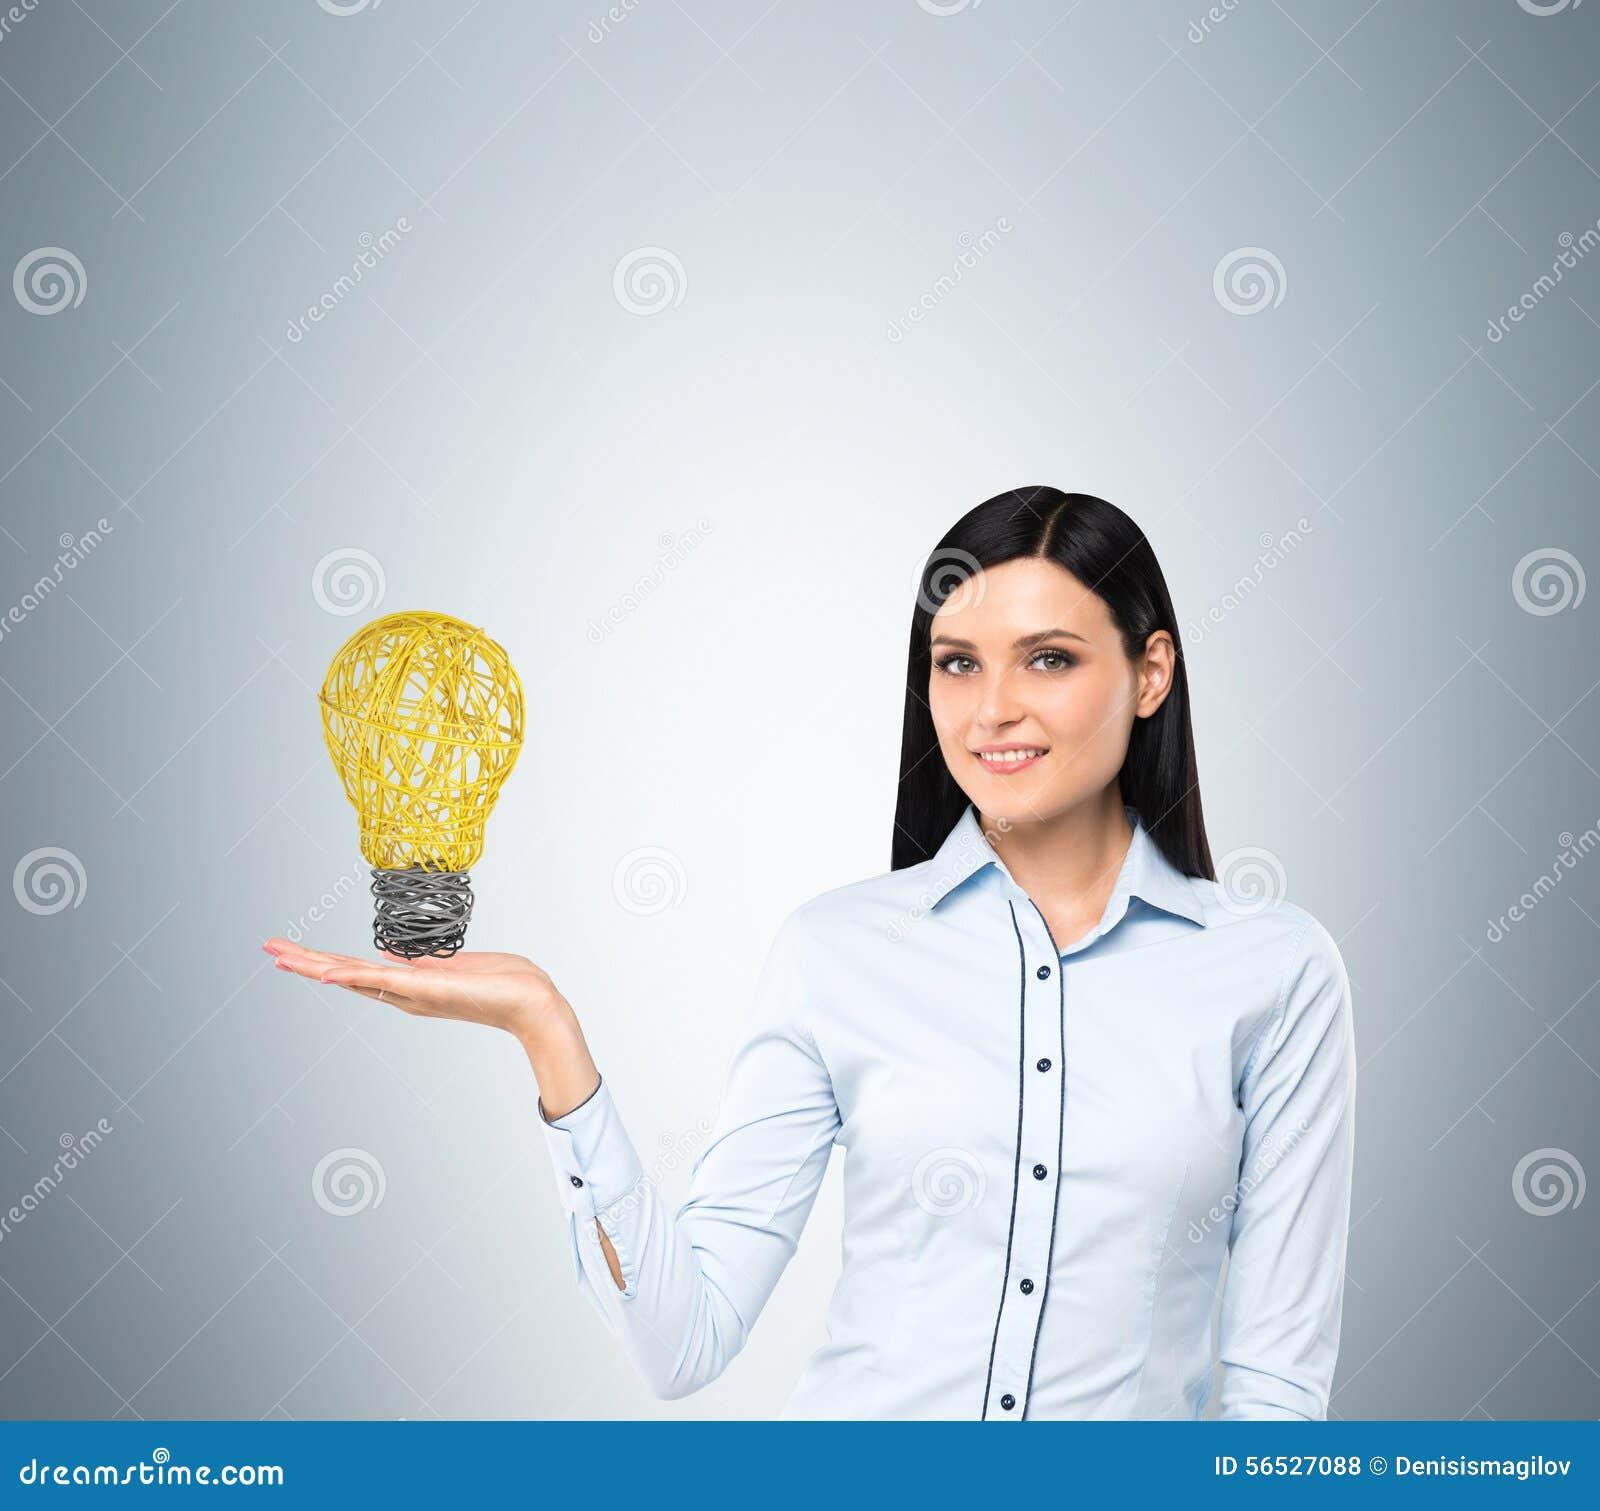 De dame stelt een gloeilamp als concept nieuw idee in zaken voor